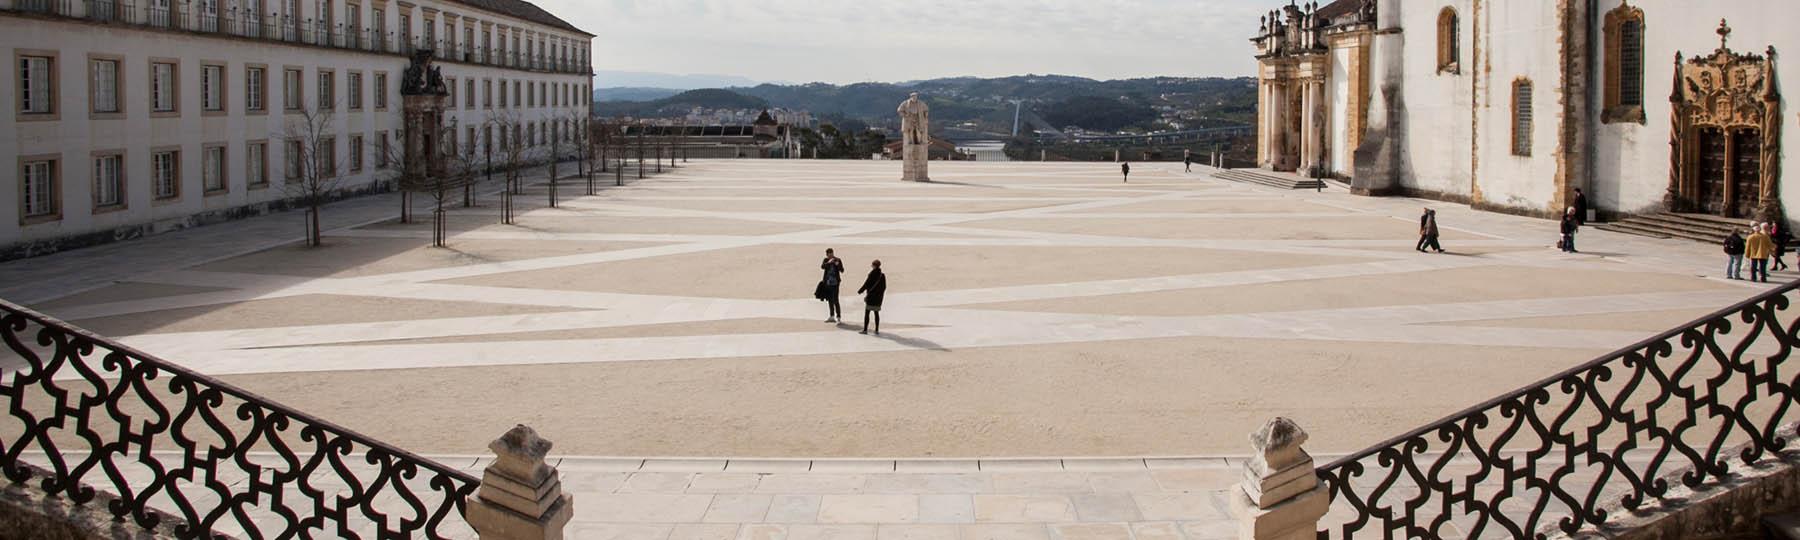 Universidade de Coimbra3